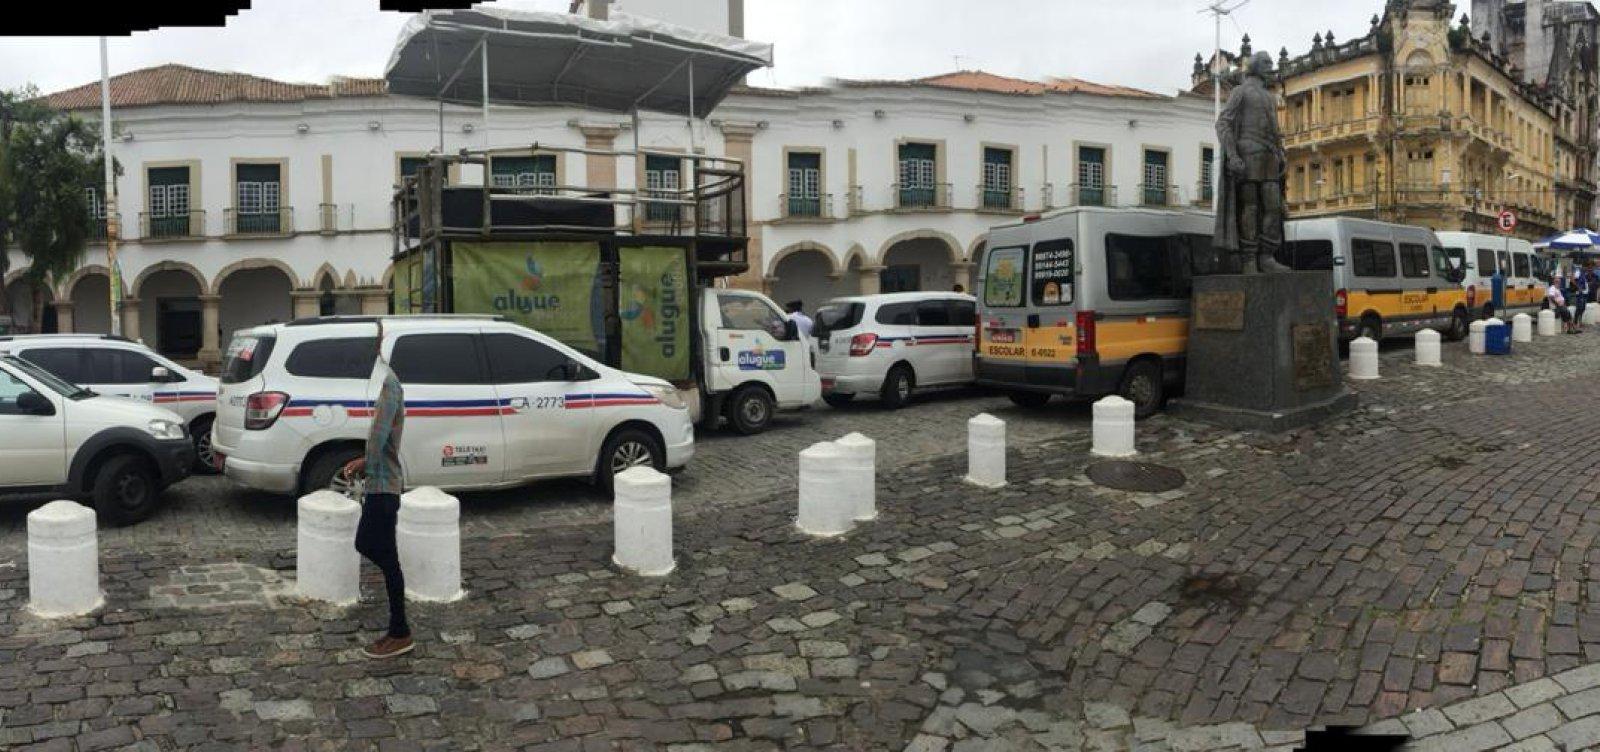 [Taxistas fazem novo protesto em frente à CMS para pedir 'regulamentação igualitária' de aplicativos]